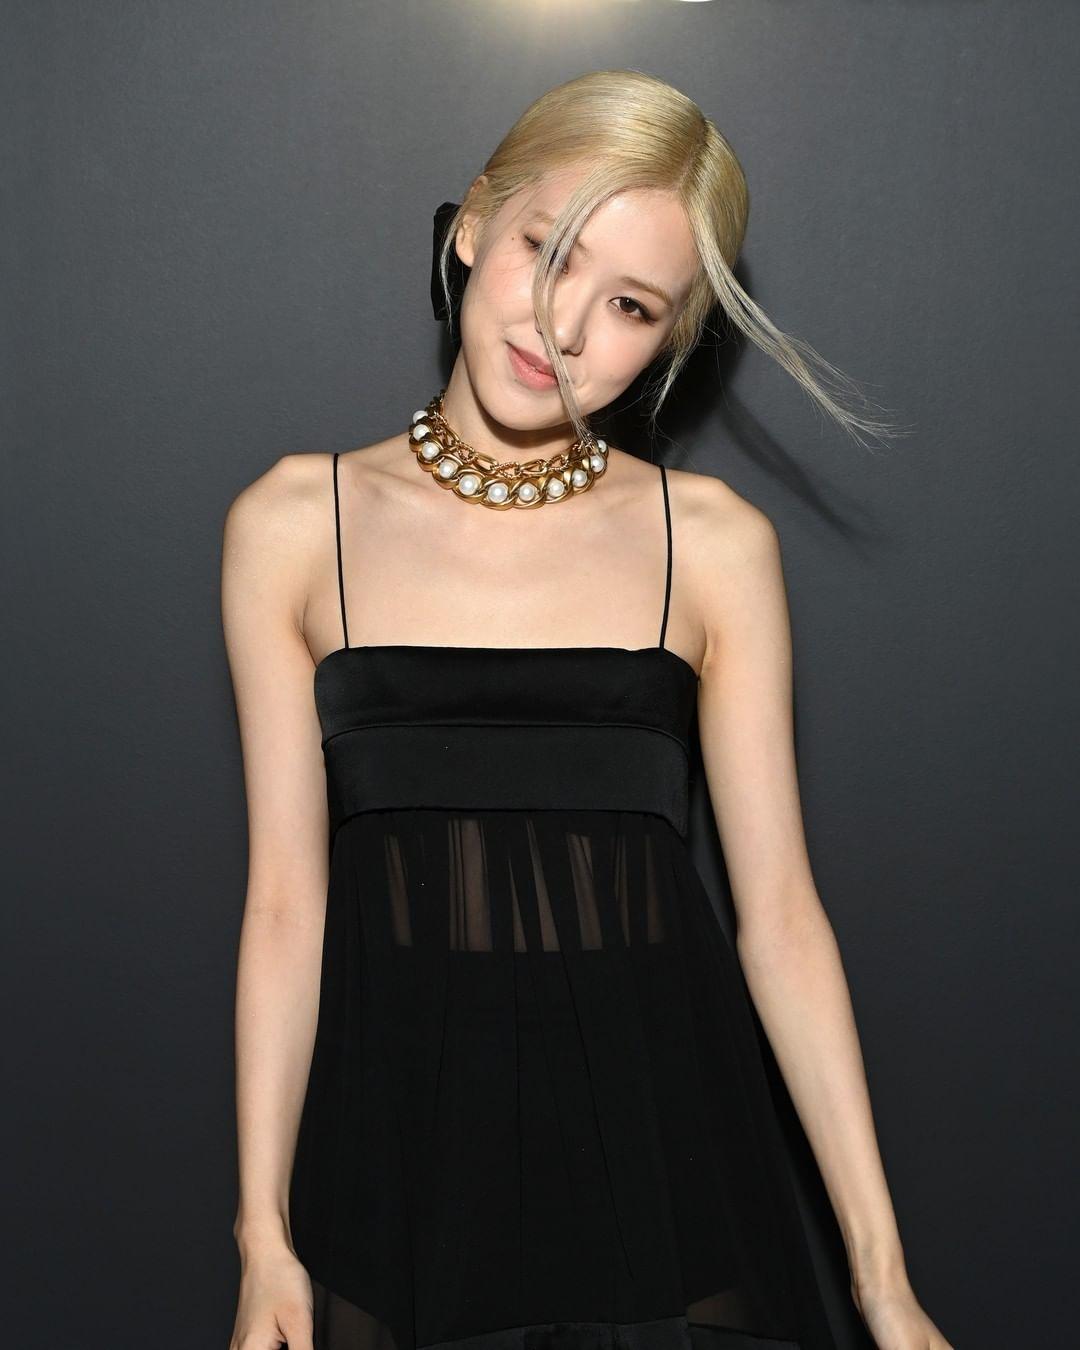 Đi kèm trang phục tông đen, Rosé chọn vòng cổ ngọc trai đậm chất cổ điển cùng kiểu tóc buộc thấp khá đơn giản.